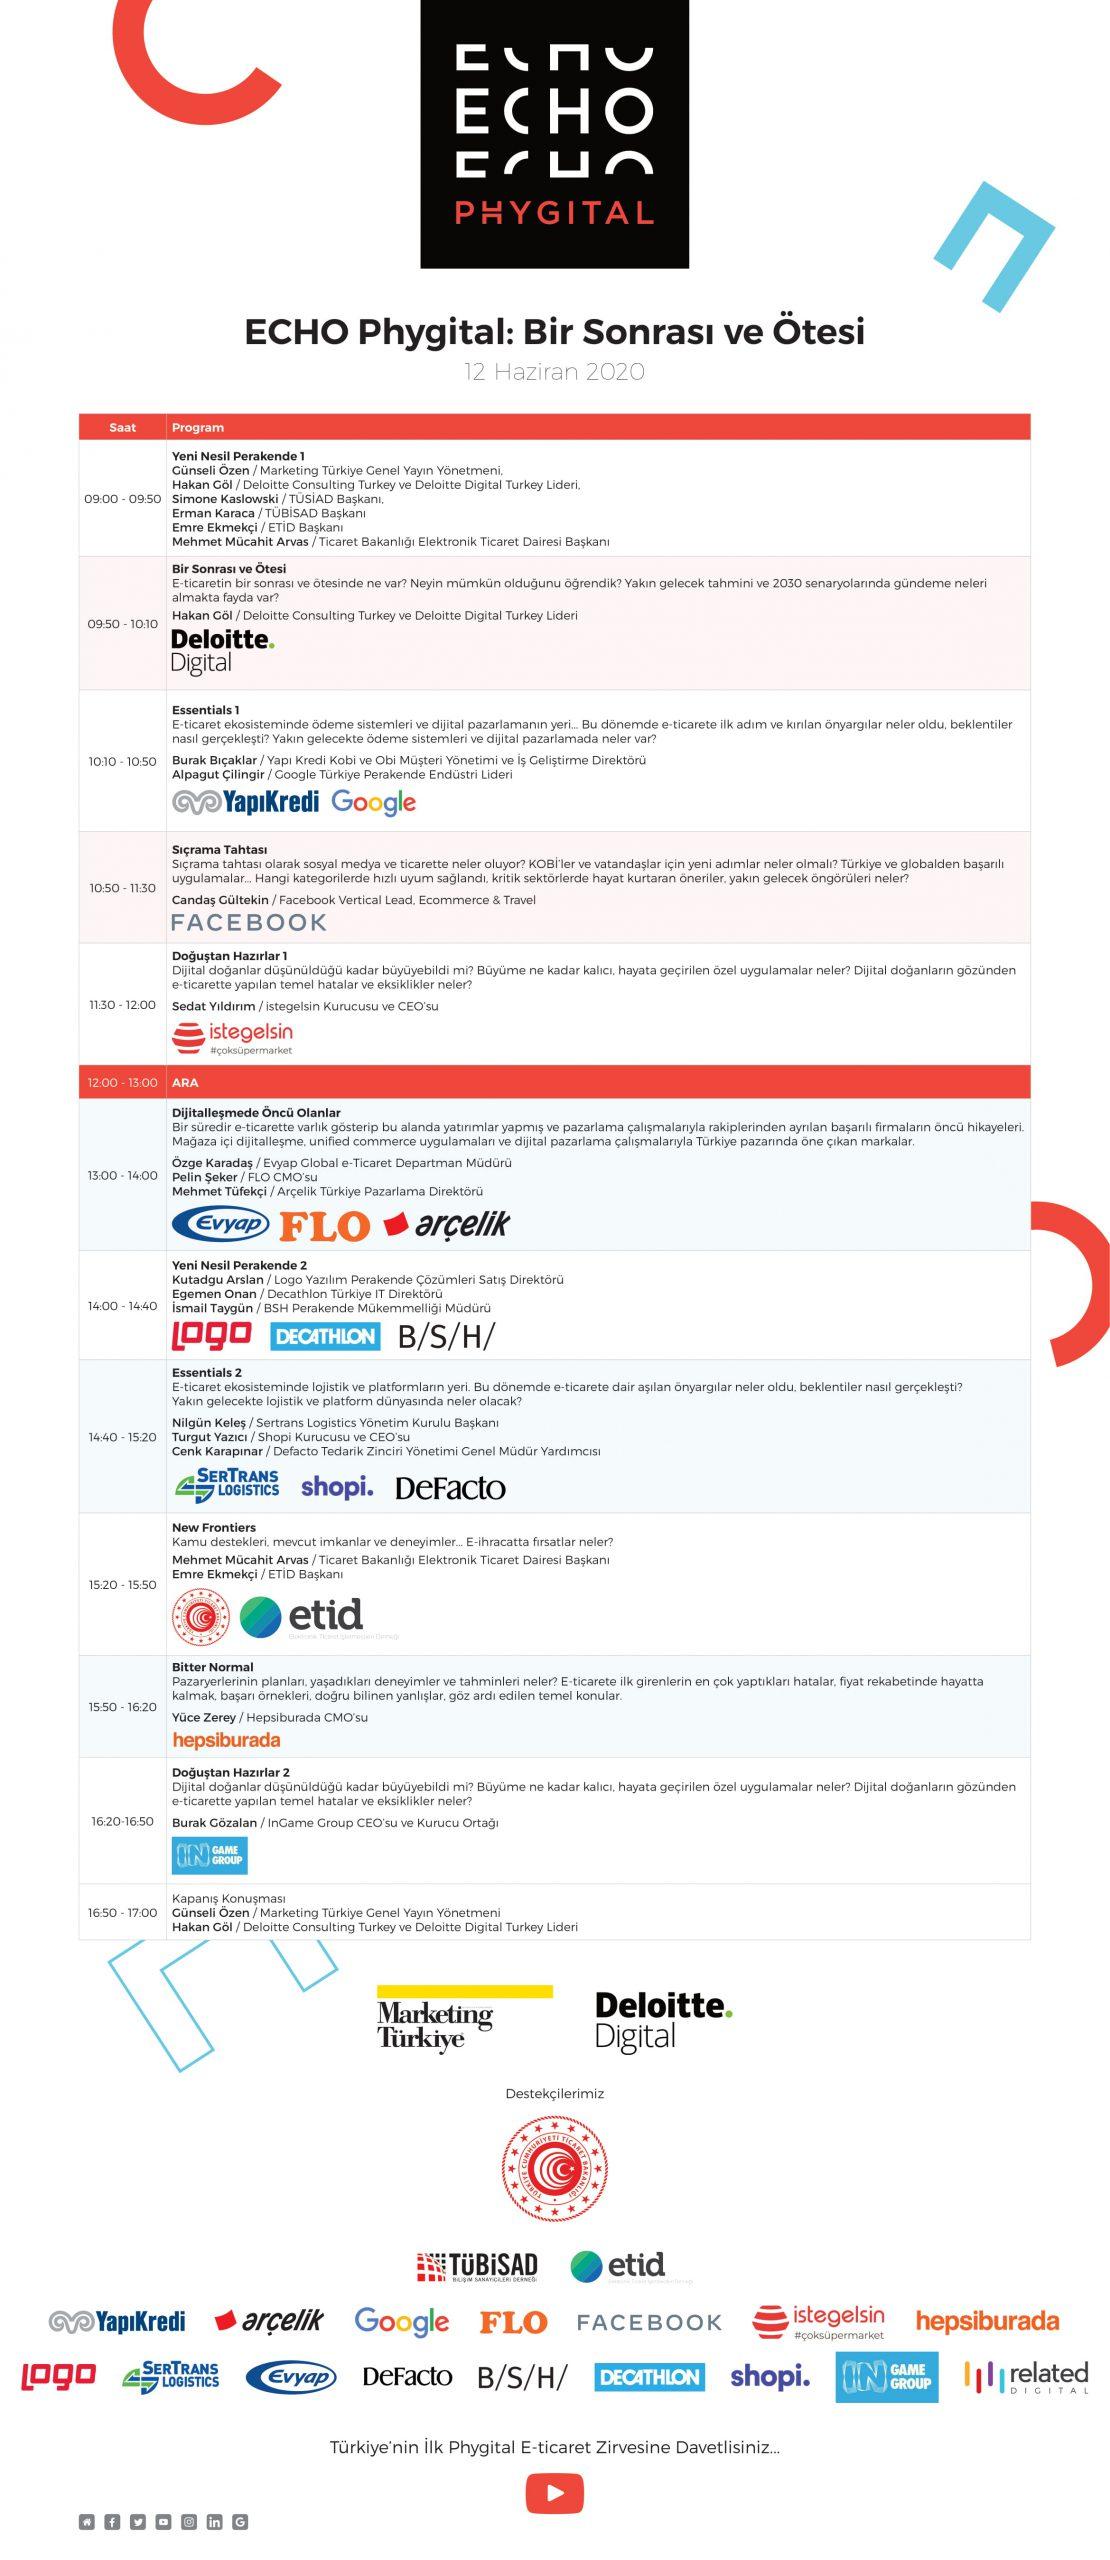 E-ticarette Bir Sonrası ve Ötesi! Türkiye'nin ilk phygital e-ticaret zirvesine davetlisiniz...